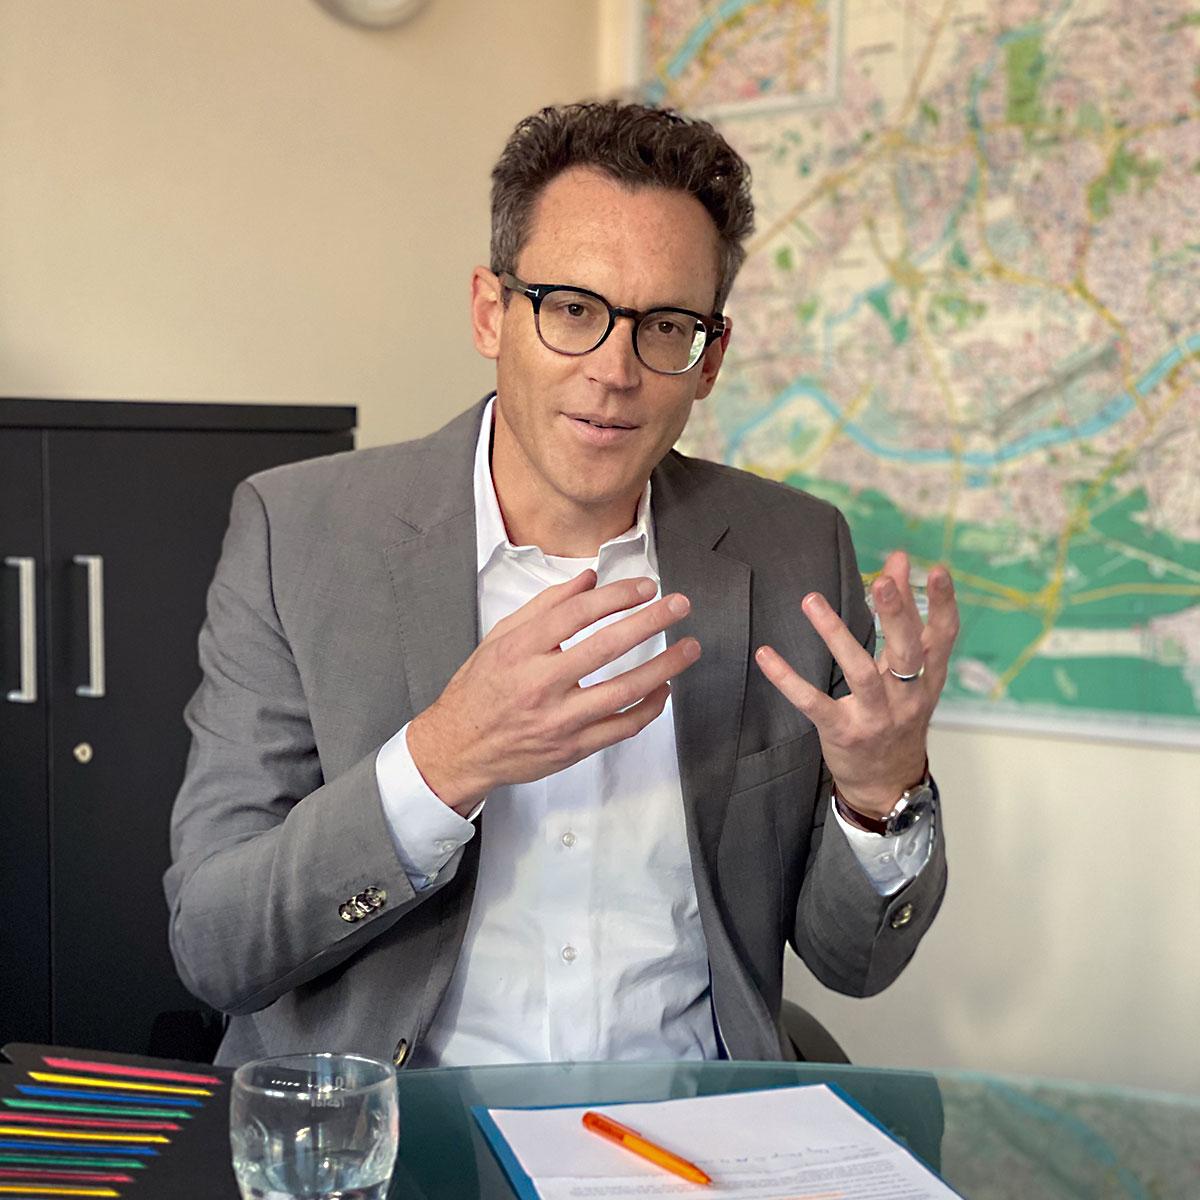 Stadtverordneter Nils Kößler (CDU) - Spitzenkandidat der CDU in Frankfurt am Main für die Kommunalwahl 2021